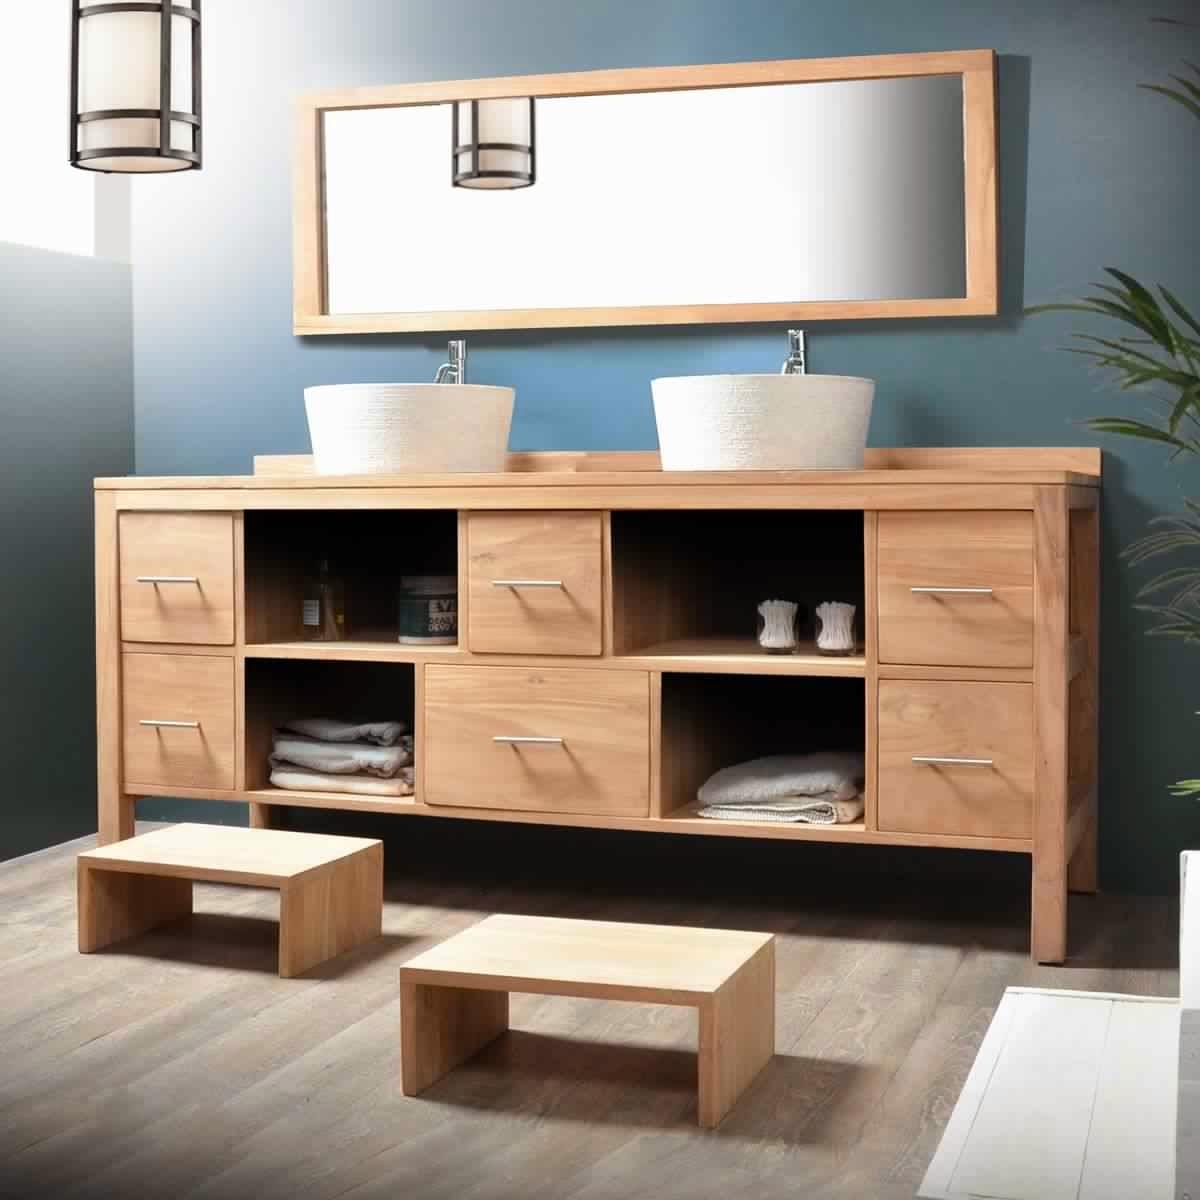 Meuble salle de bain bois 2 vasques meuble d coration maison for Meuble salle de bains but